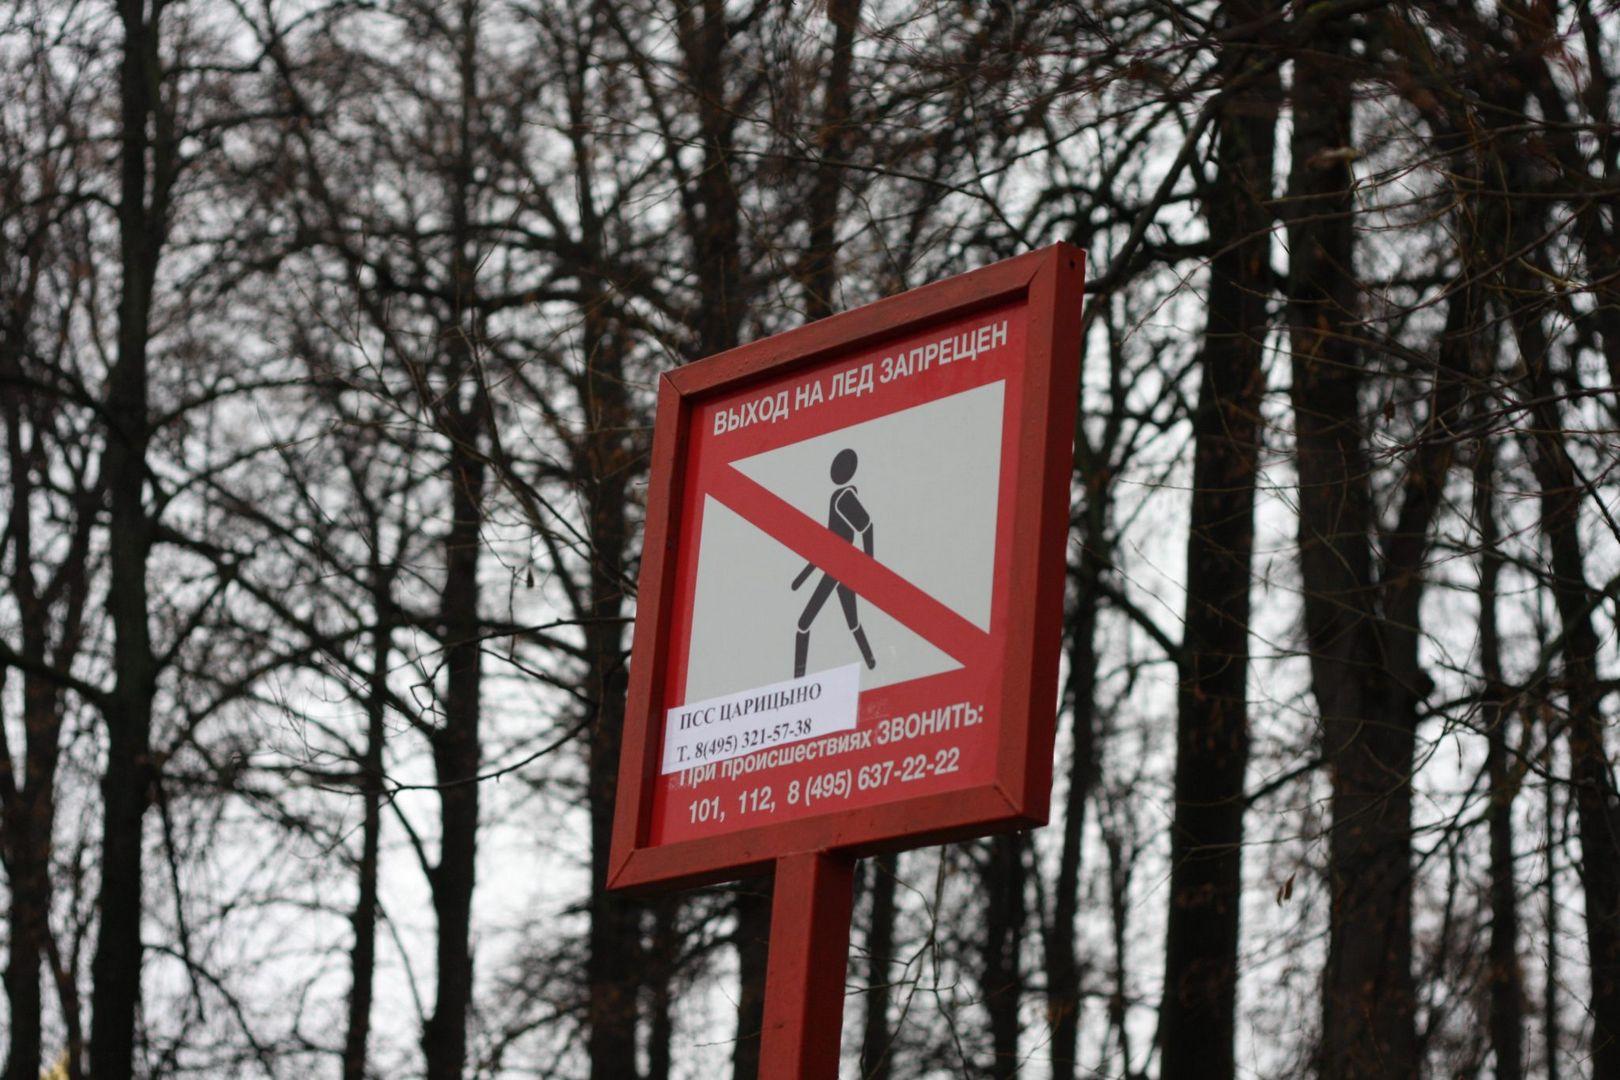 выход на лед запрещен, знак безопасности